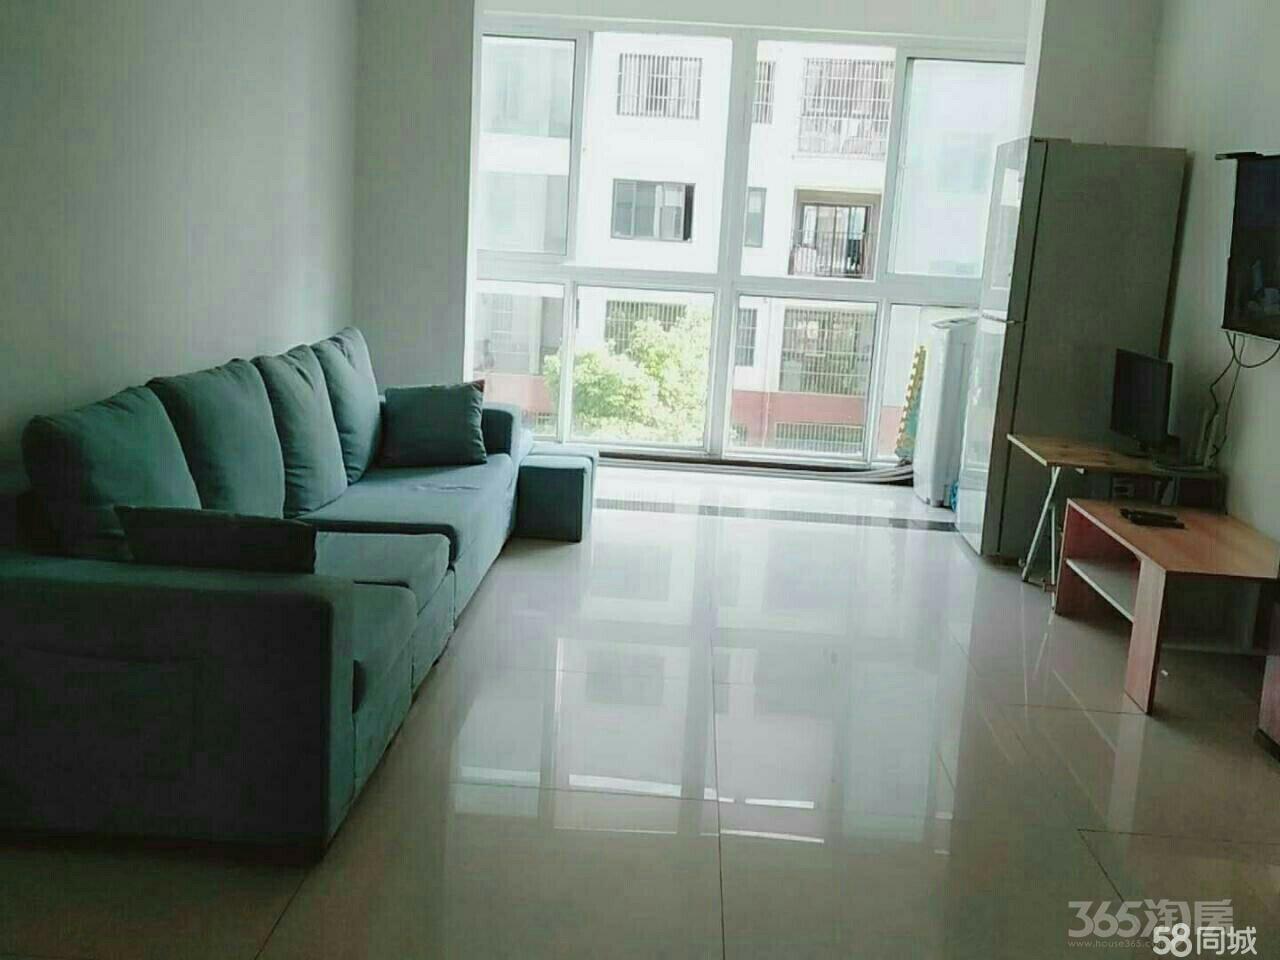 中州国际花园2室2厅1卫79.25平米2014年产权房简装